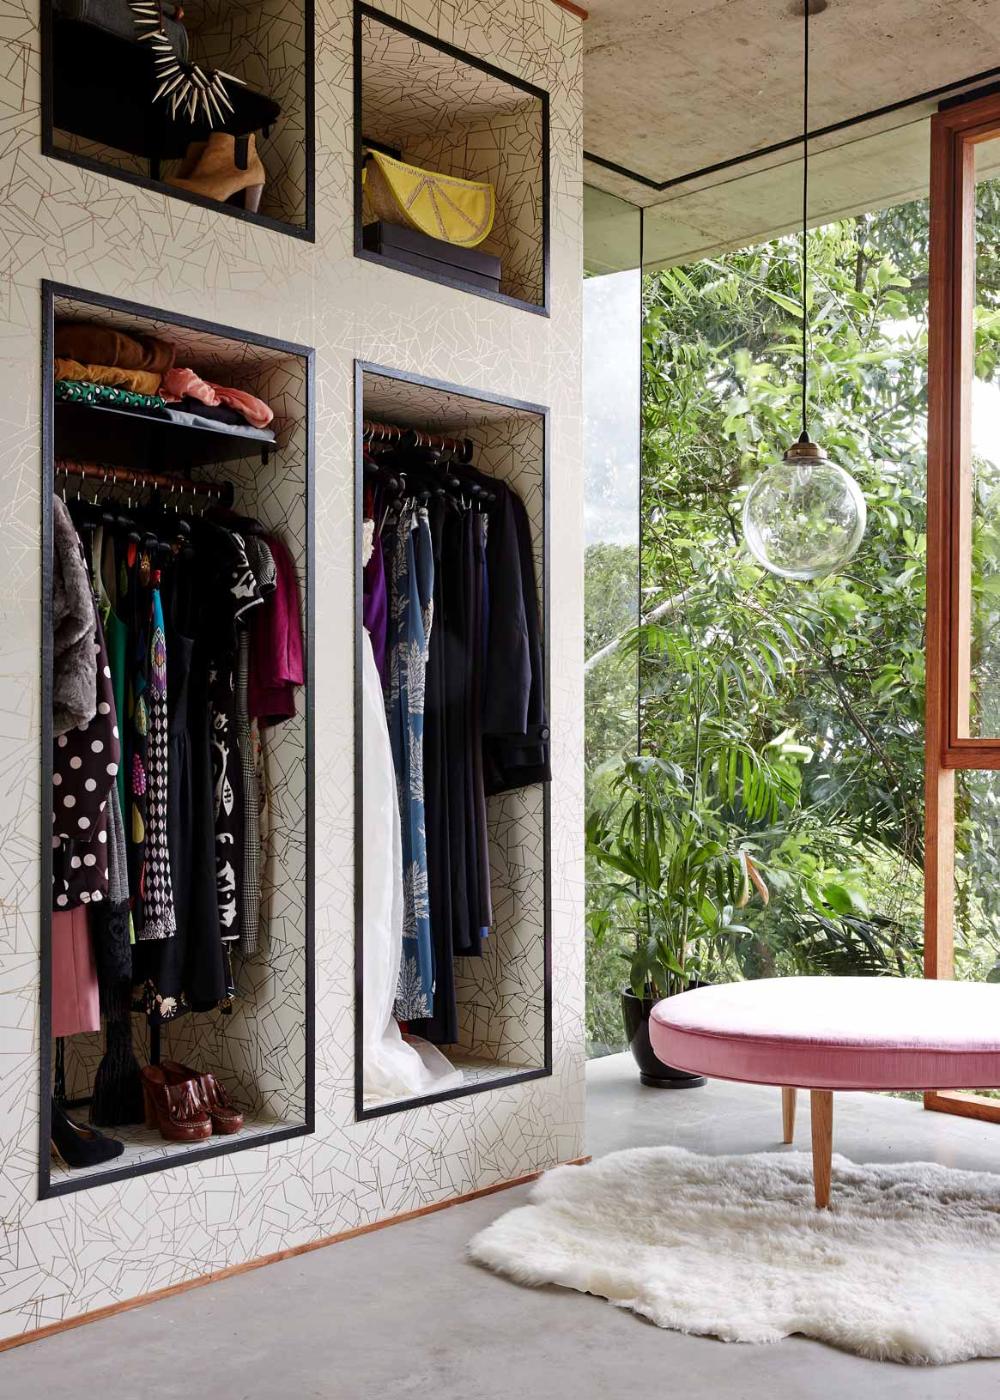 Pin di Cassie Martin su House Design Inspo nel 2020 ...